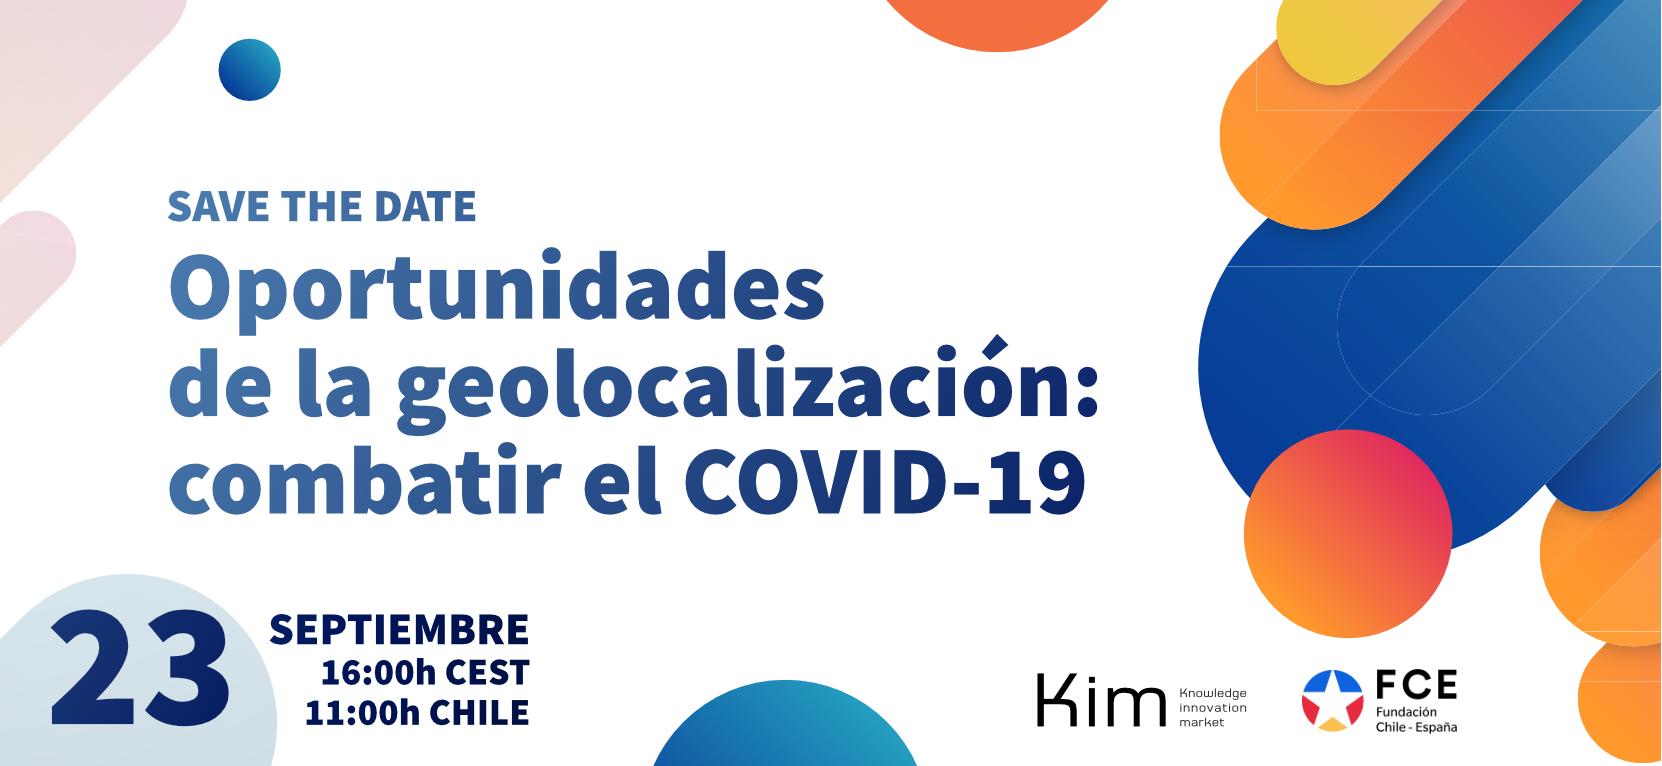 Webinar: Oportunidades de la geolocalizacion: Combatir el COVID-19